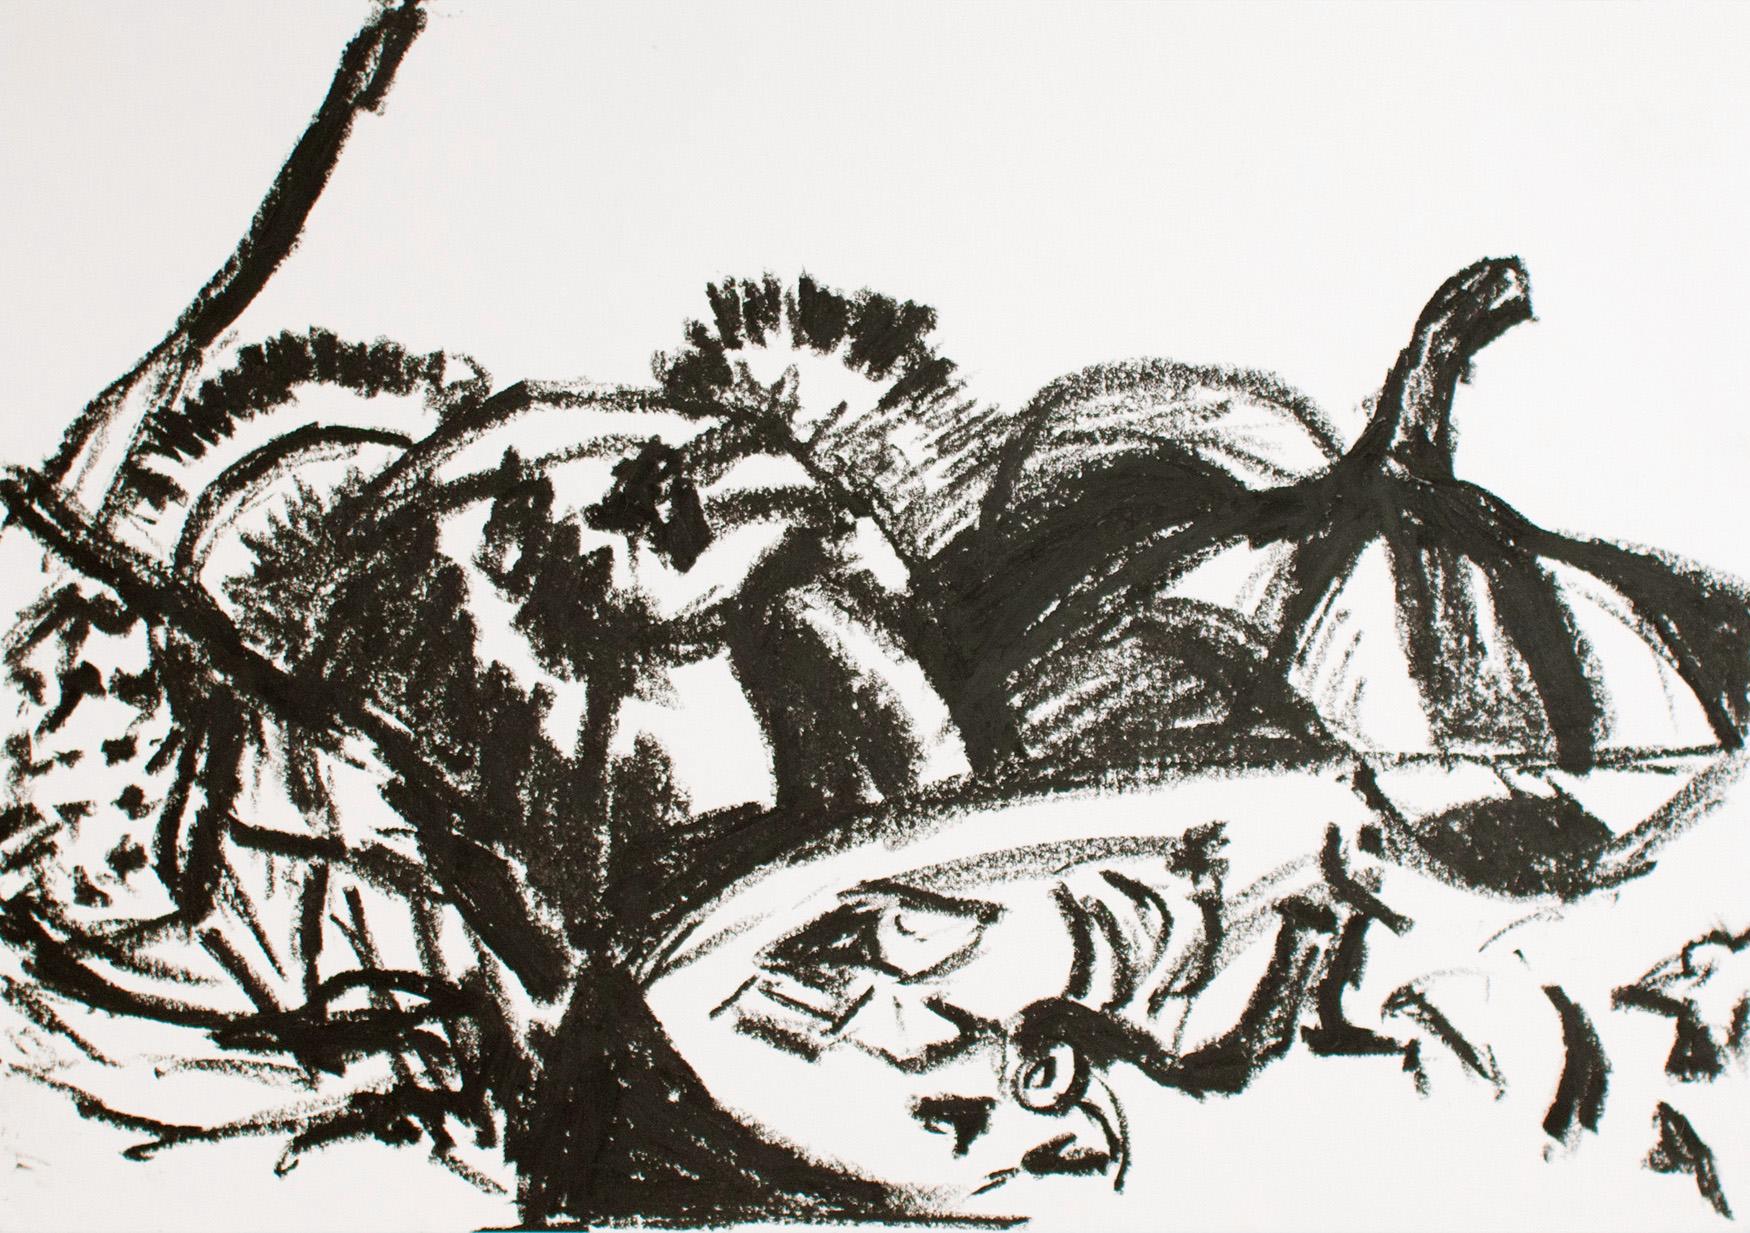 ohne Titel, 2013 Ölkreide auf Papier 29,5 x 42 cm